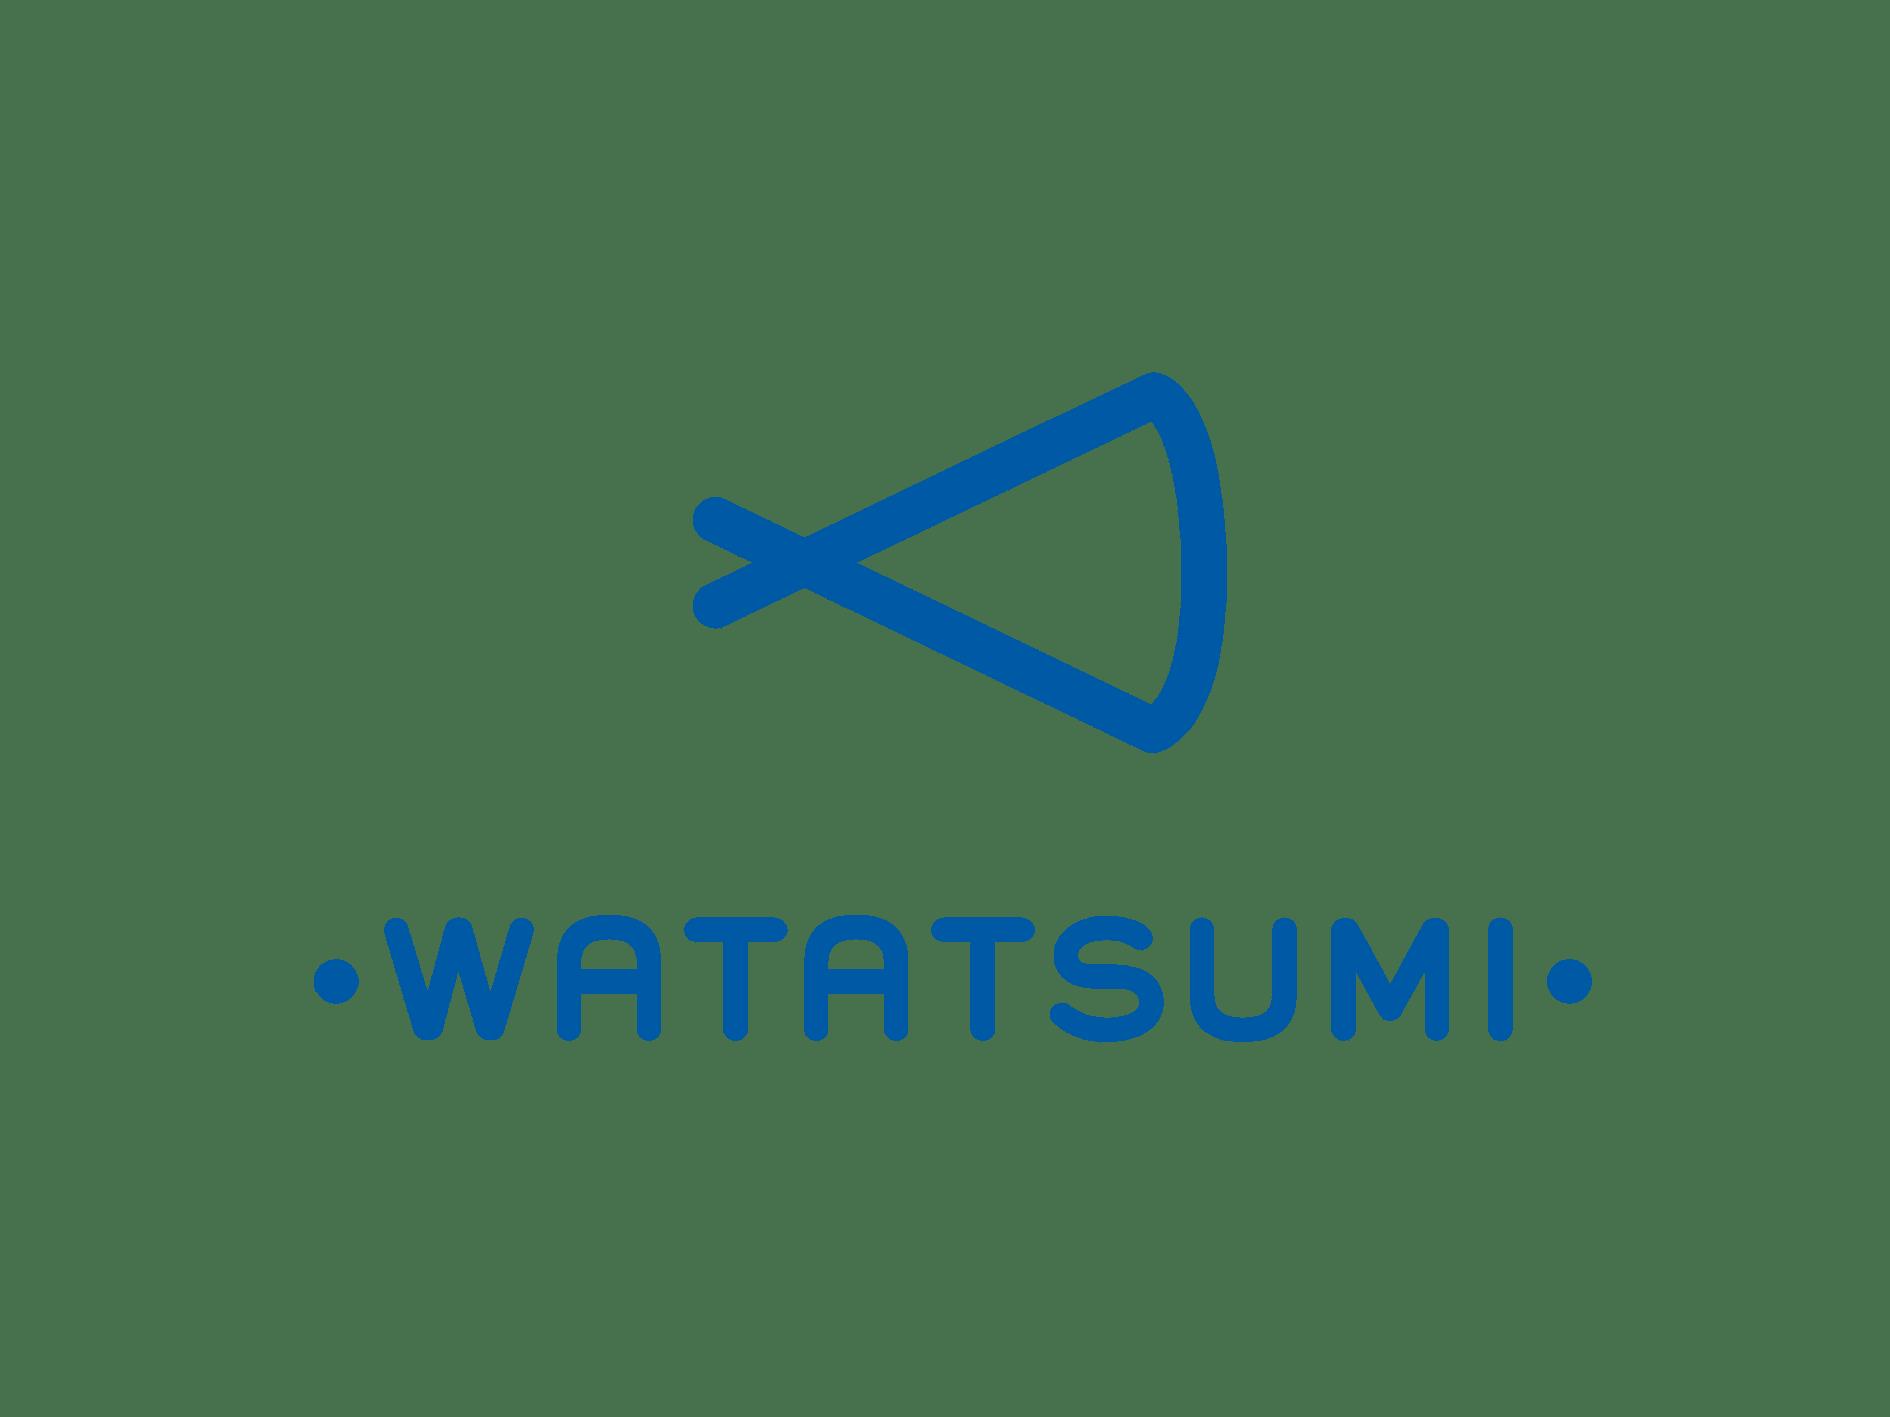 WATATSUMI - kiev.karavan.com.ua